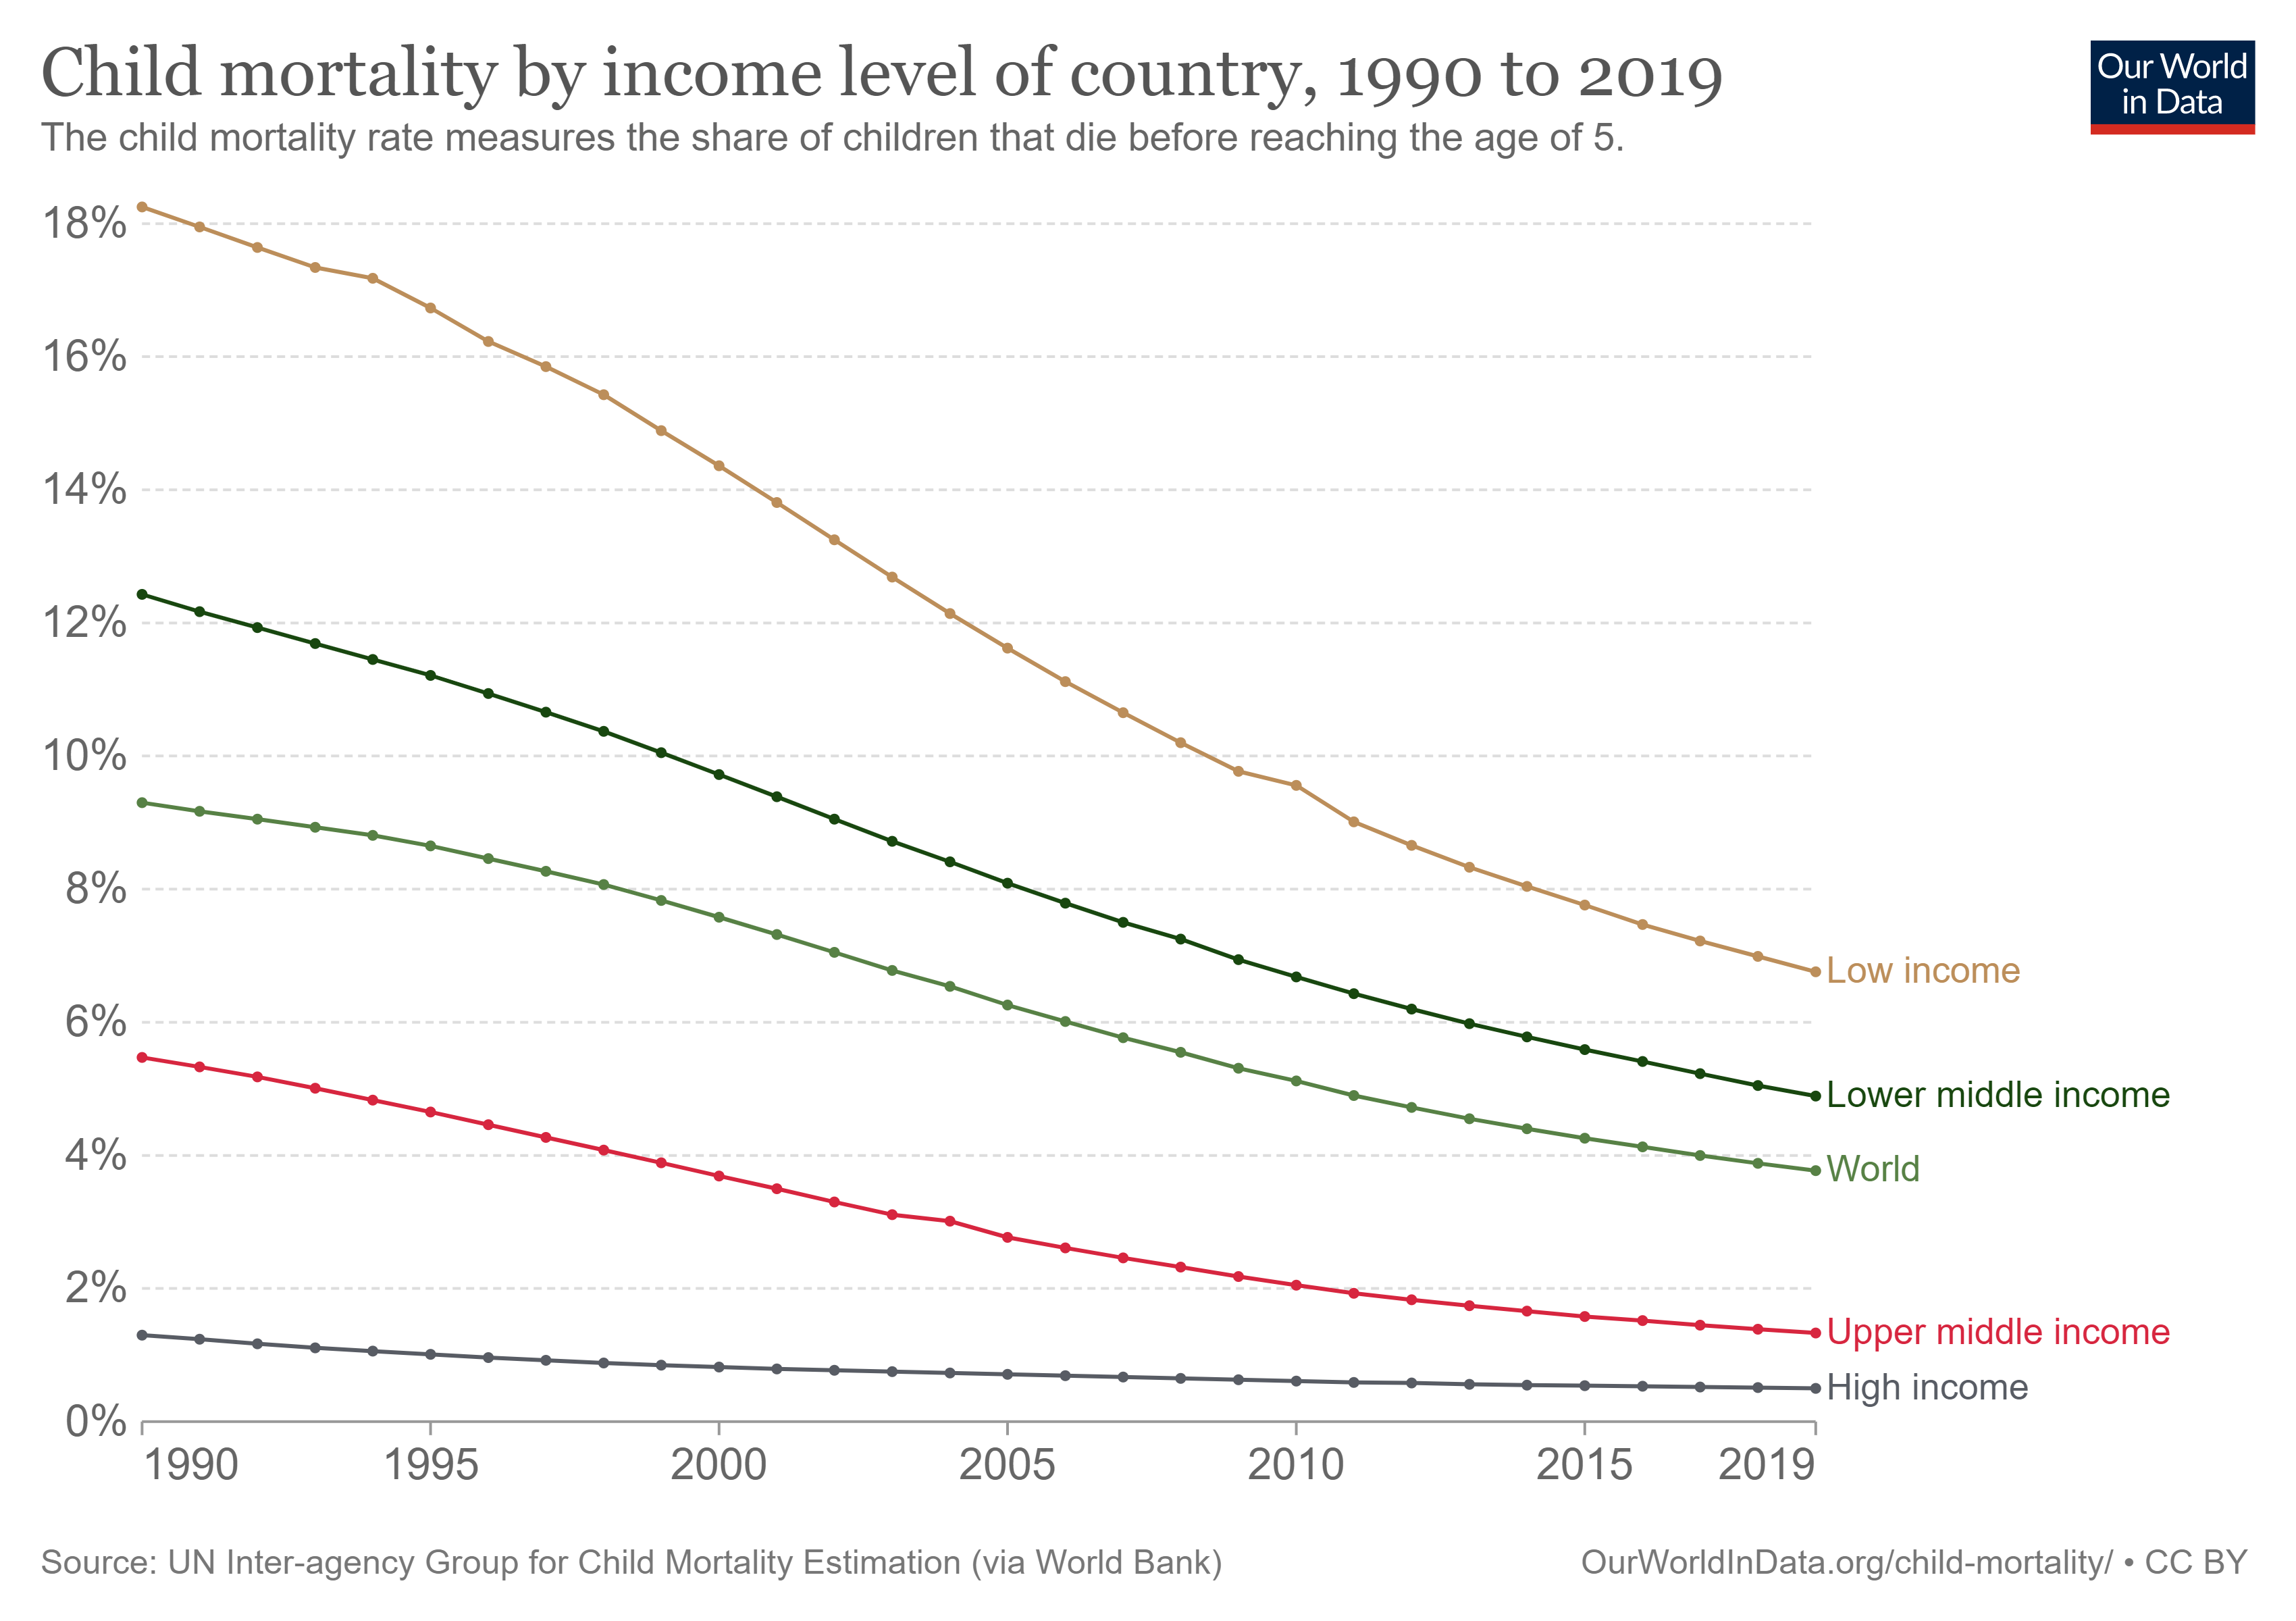 مرگ و میر کودکان با متوسط سطح درامد کشورها